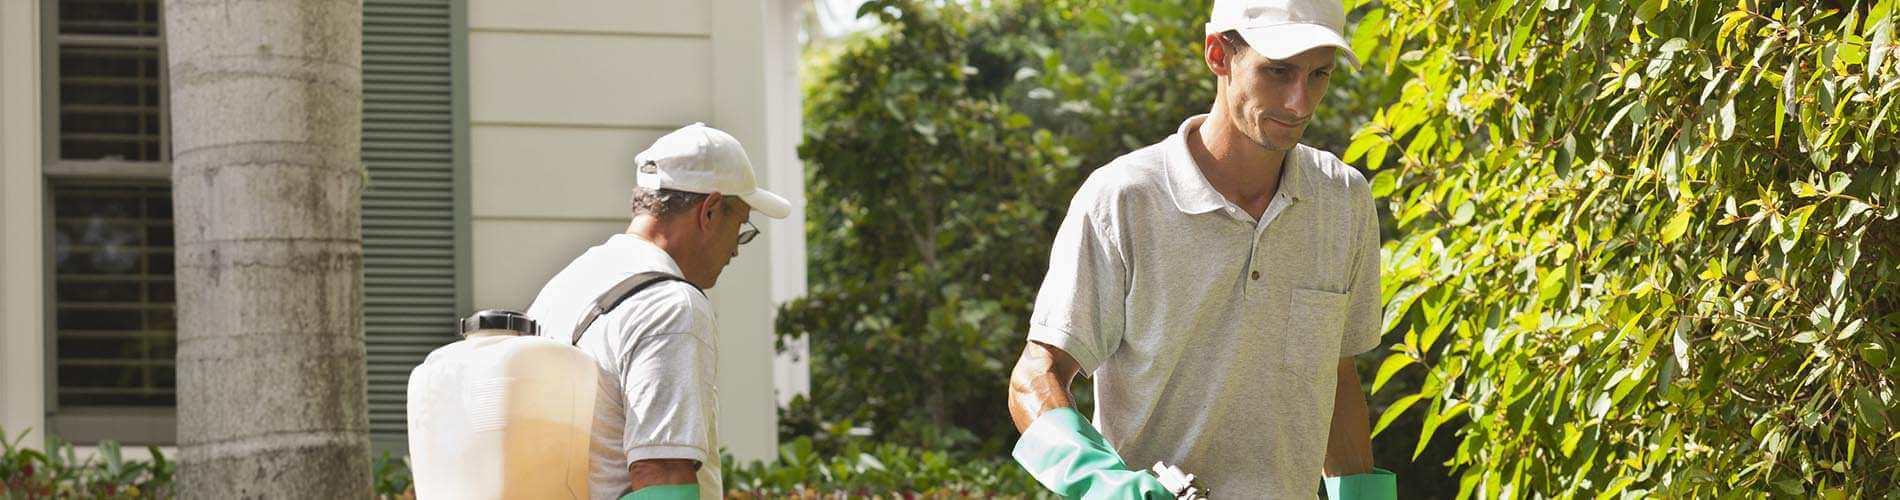 Two men spraying yard